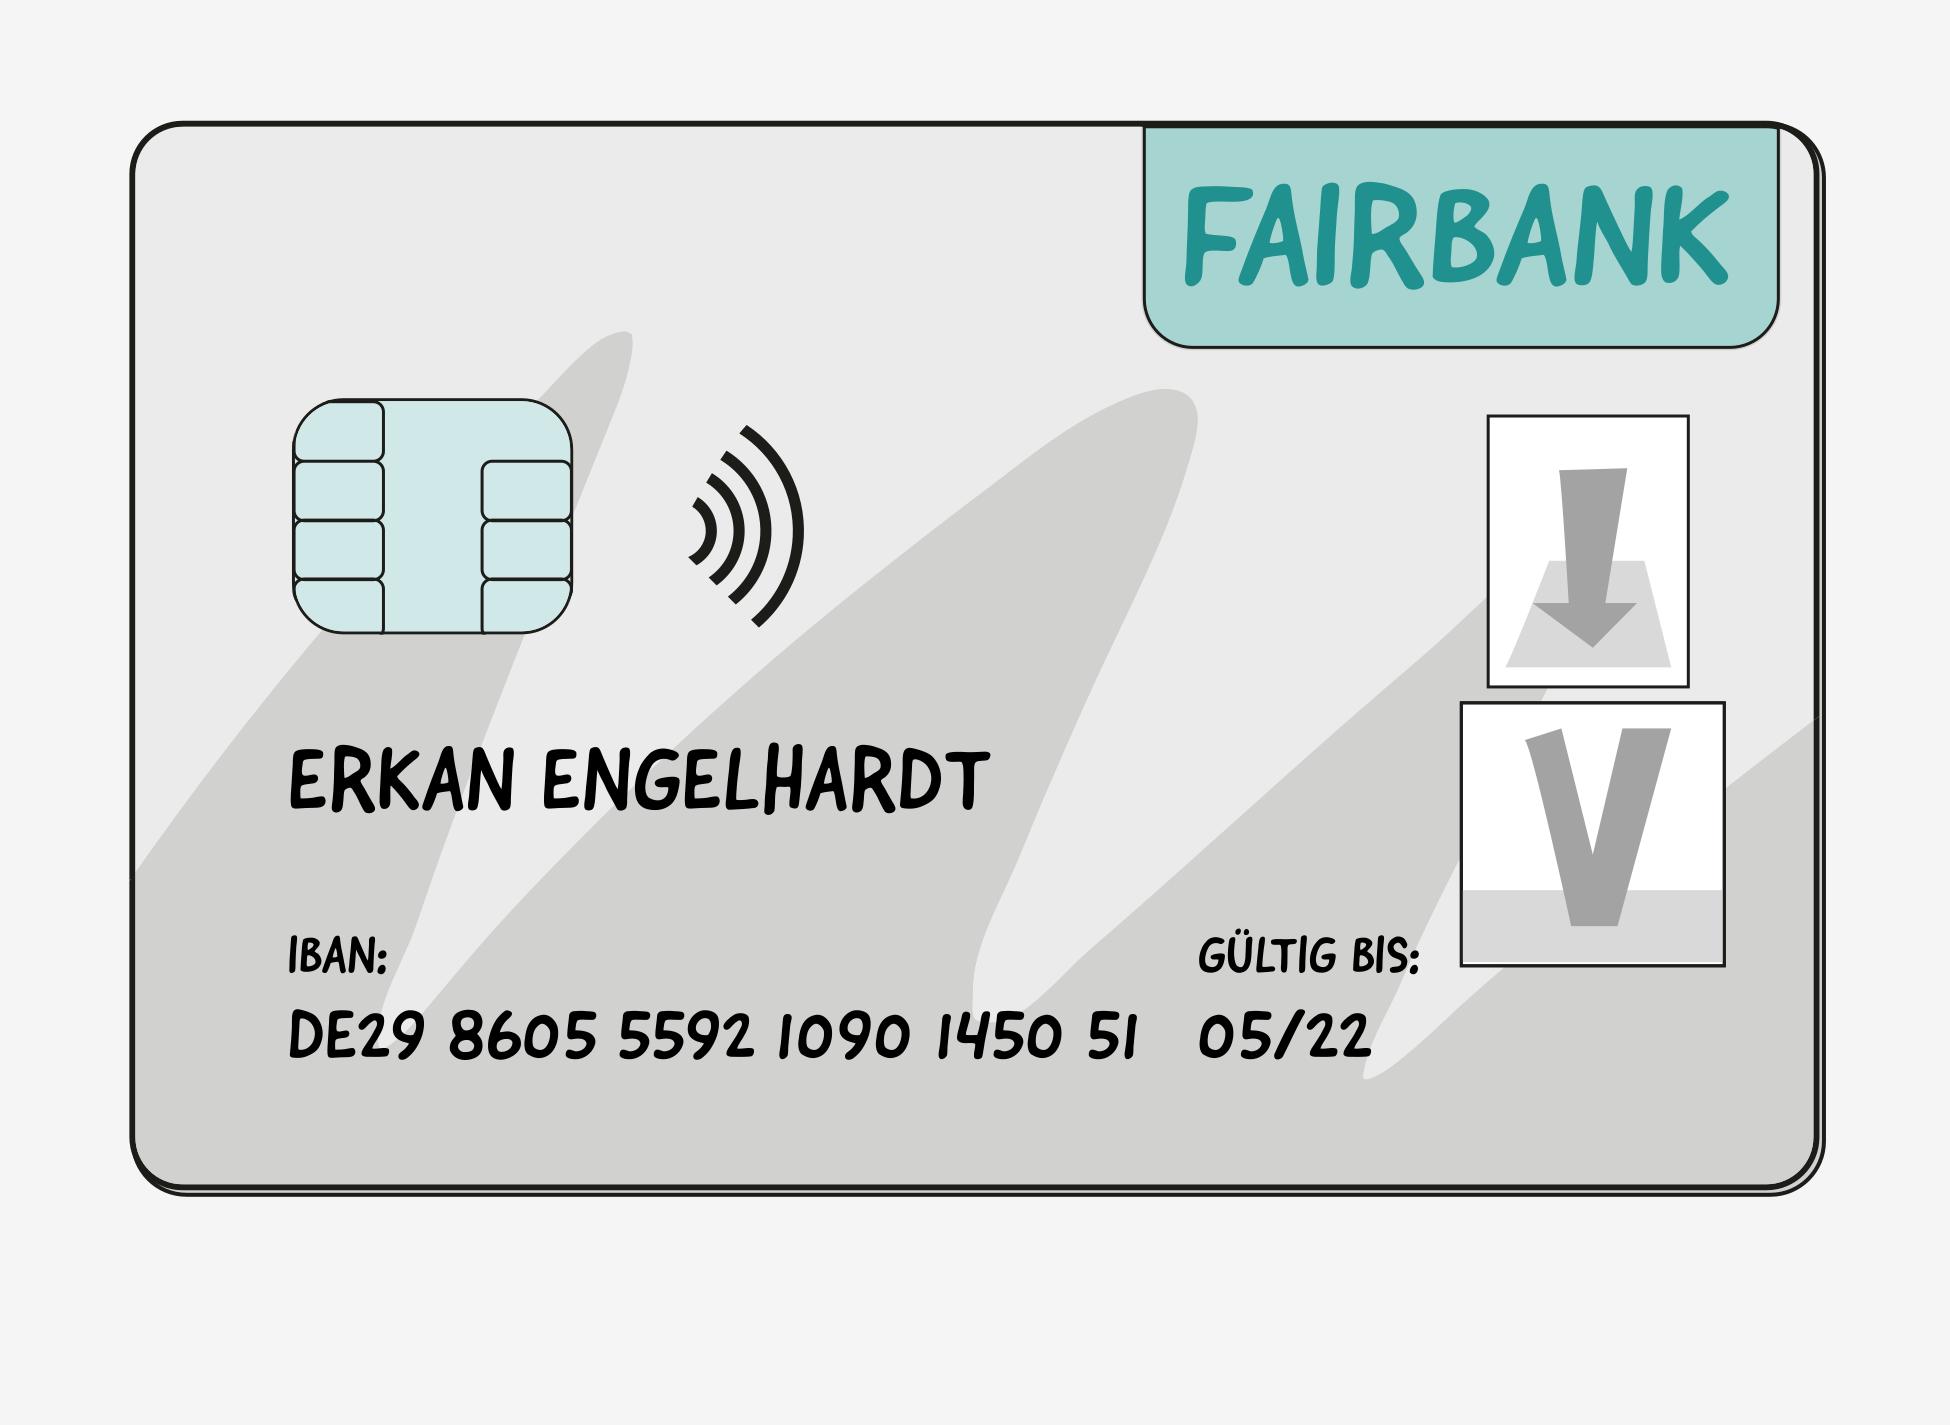 Vorderseite einer EC-Karte mit dem Logo der Fairbank, einem Speicher-Chip und dem wellenförmigen RFID-Symbol für kontaktloses Bezahlen. Die EC-Karte ist ausgestellt auf Erkan Engelhardt und gültig bis 05/22. Die IBAN ist: DE29 8505 5592 1090 1450 51.